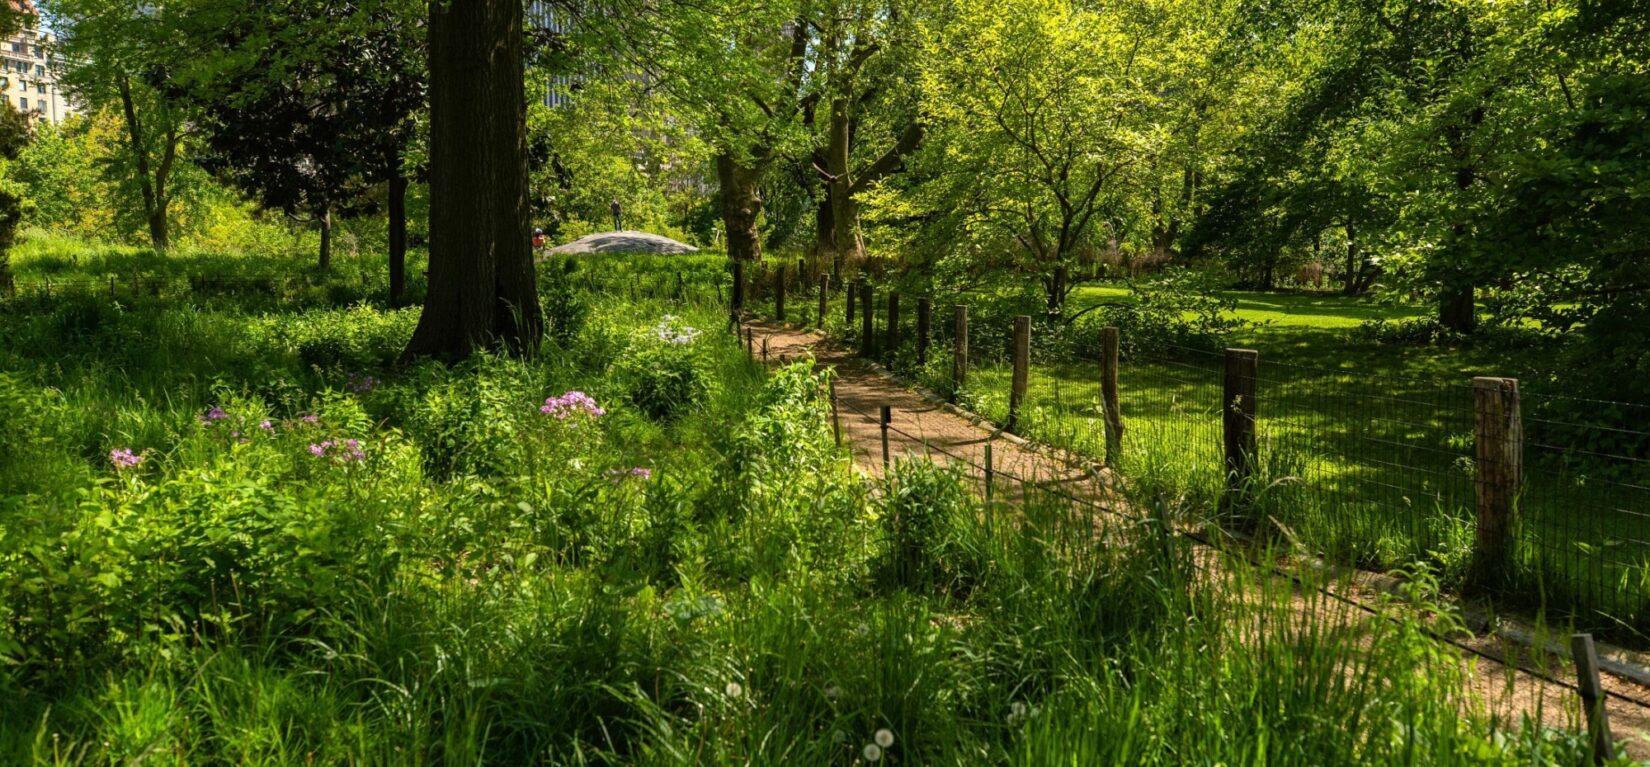 A fenced path runs through the lush, natural meadow